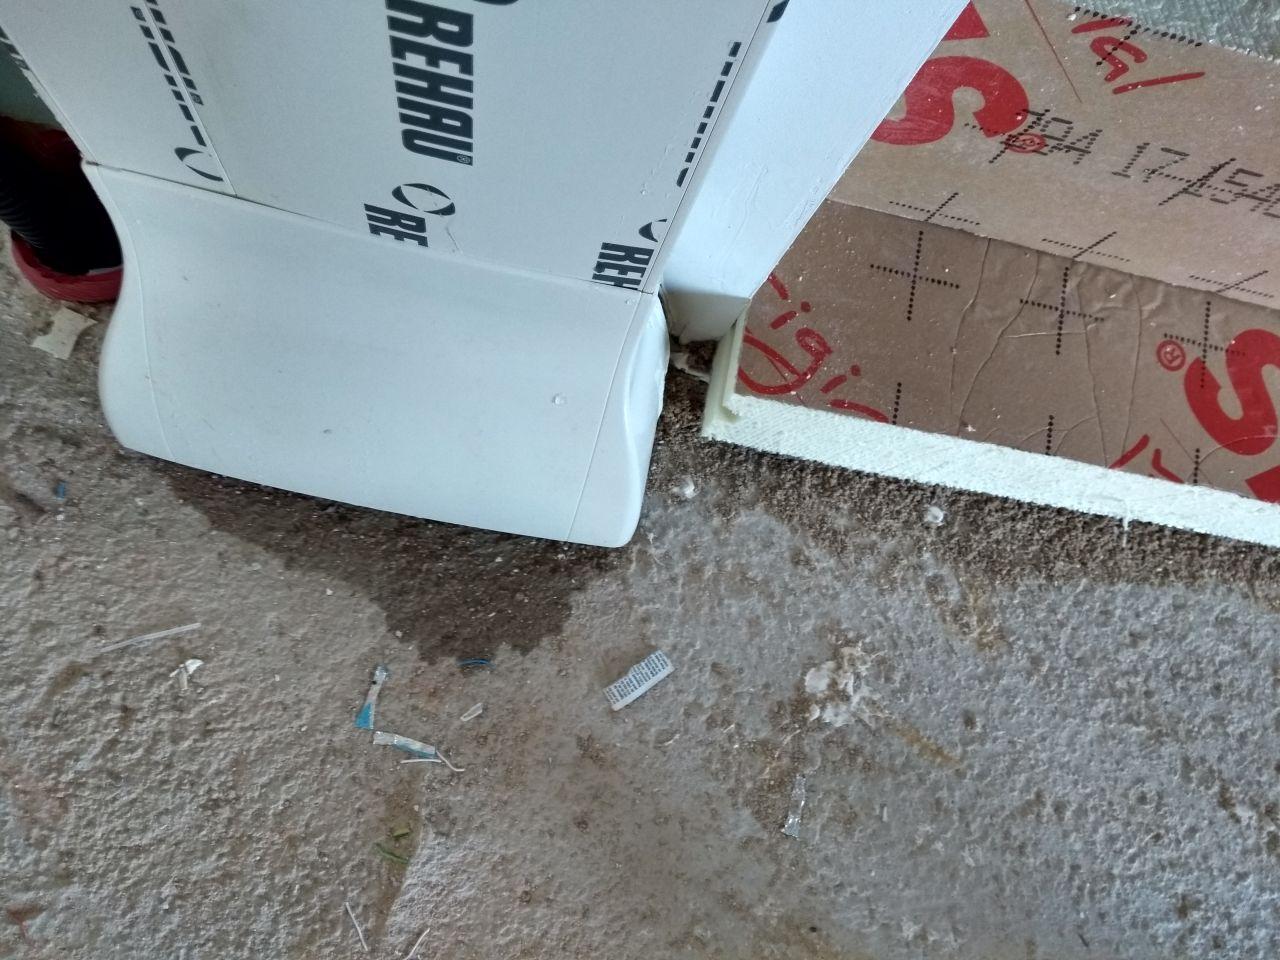 Avec la flotte de ce WE : humidité qui arrive du plafond placo qui ruisselle en gouttes le long du compteur électrique jusqu'à la dalle ... Signalé aujourd'hui au cdt